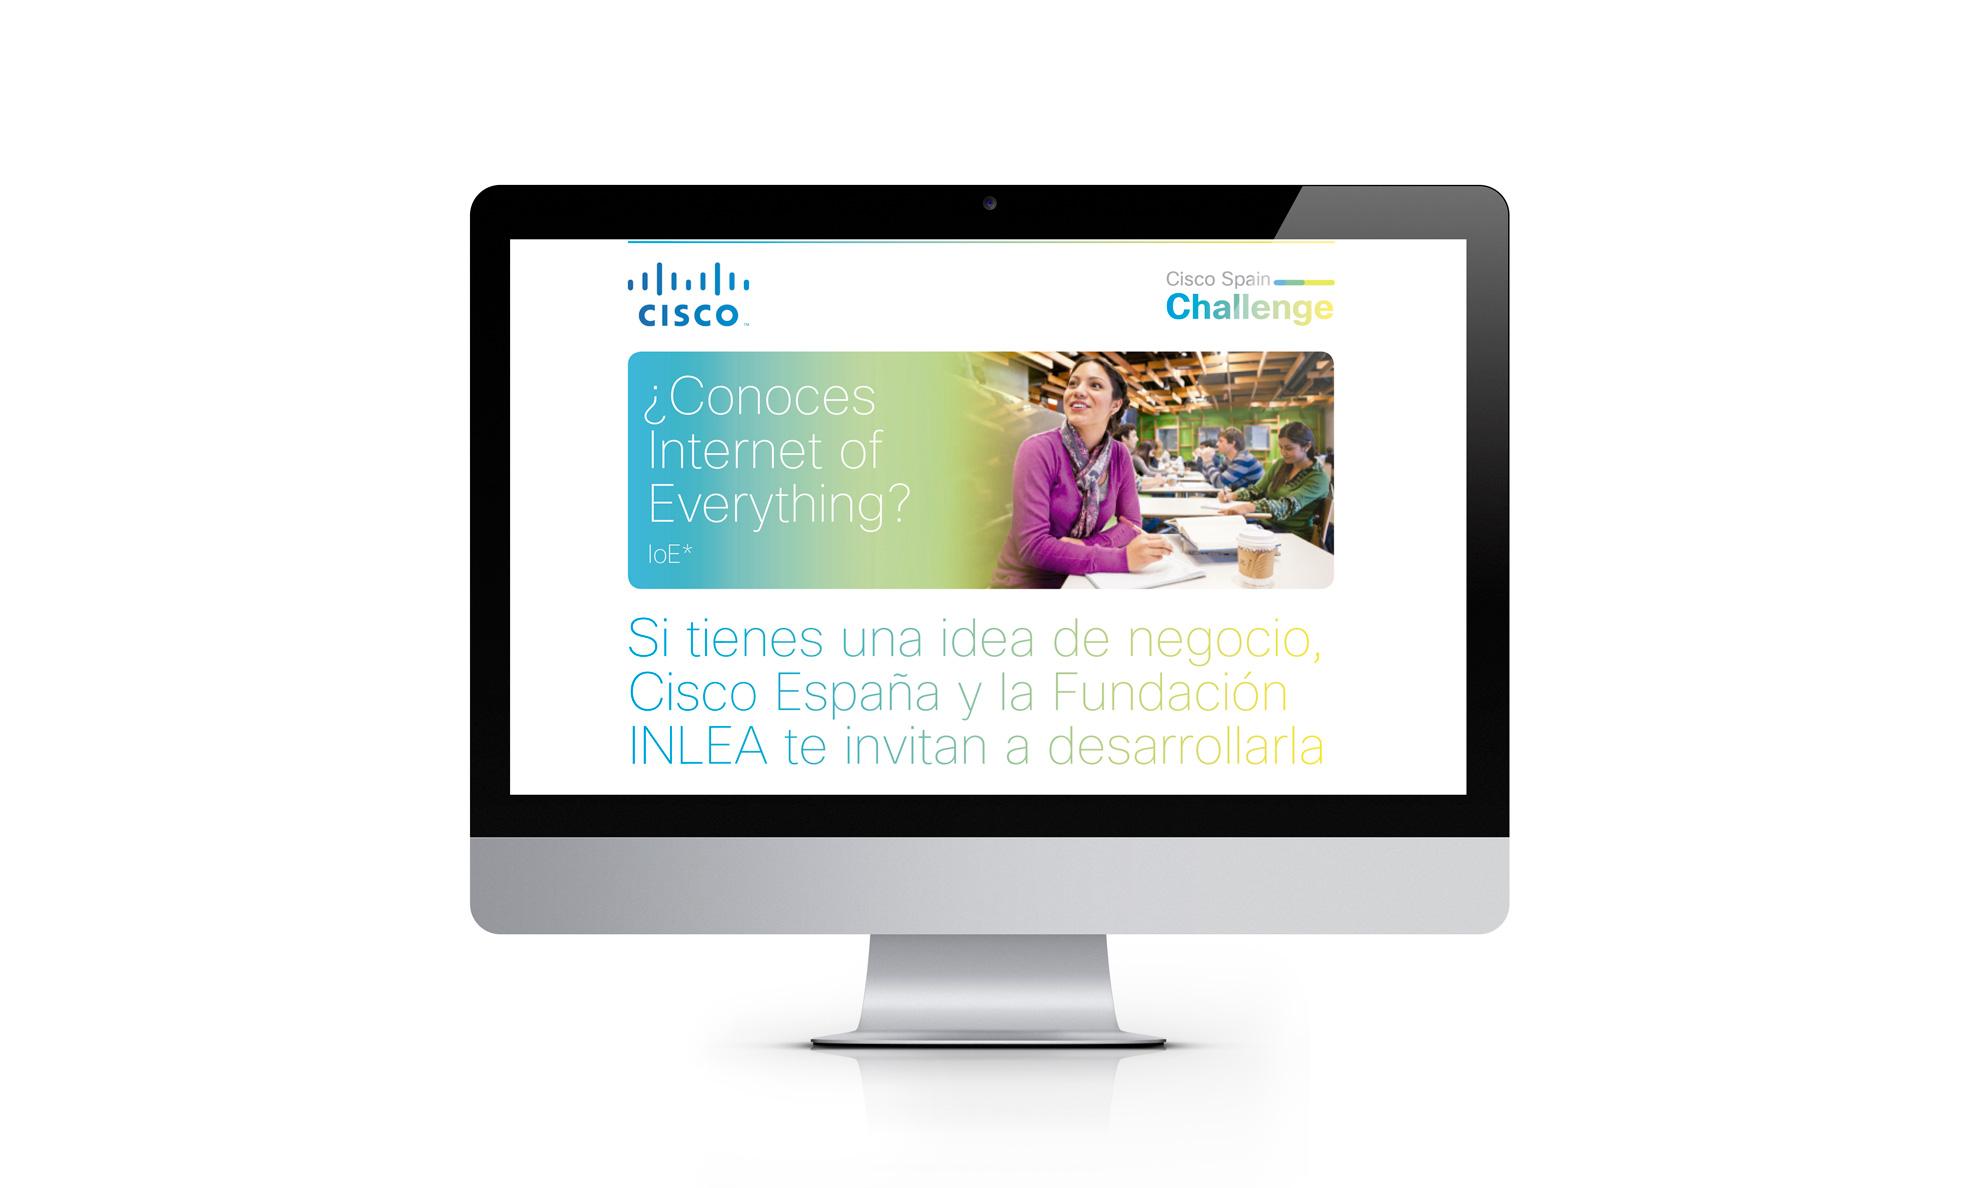 Cisco-challenge-01